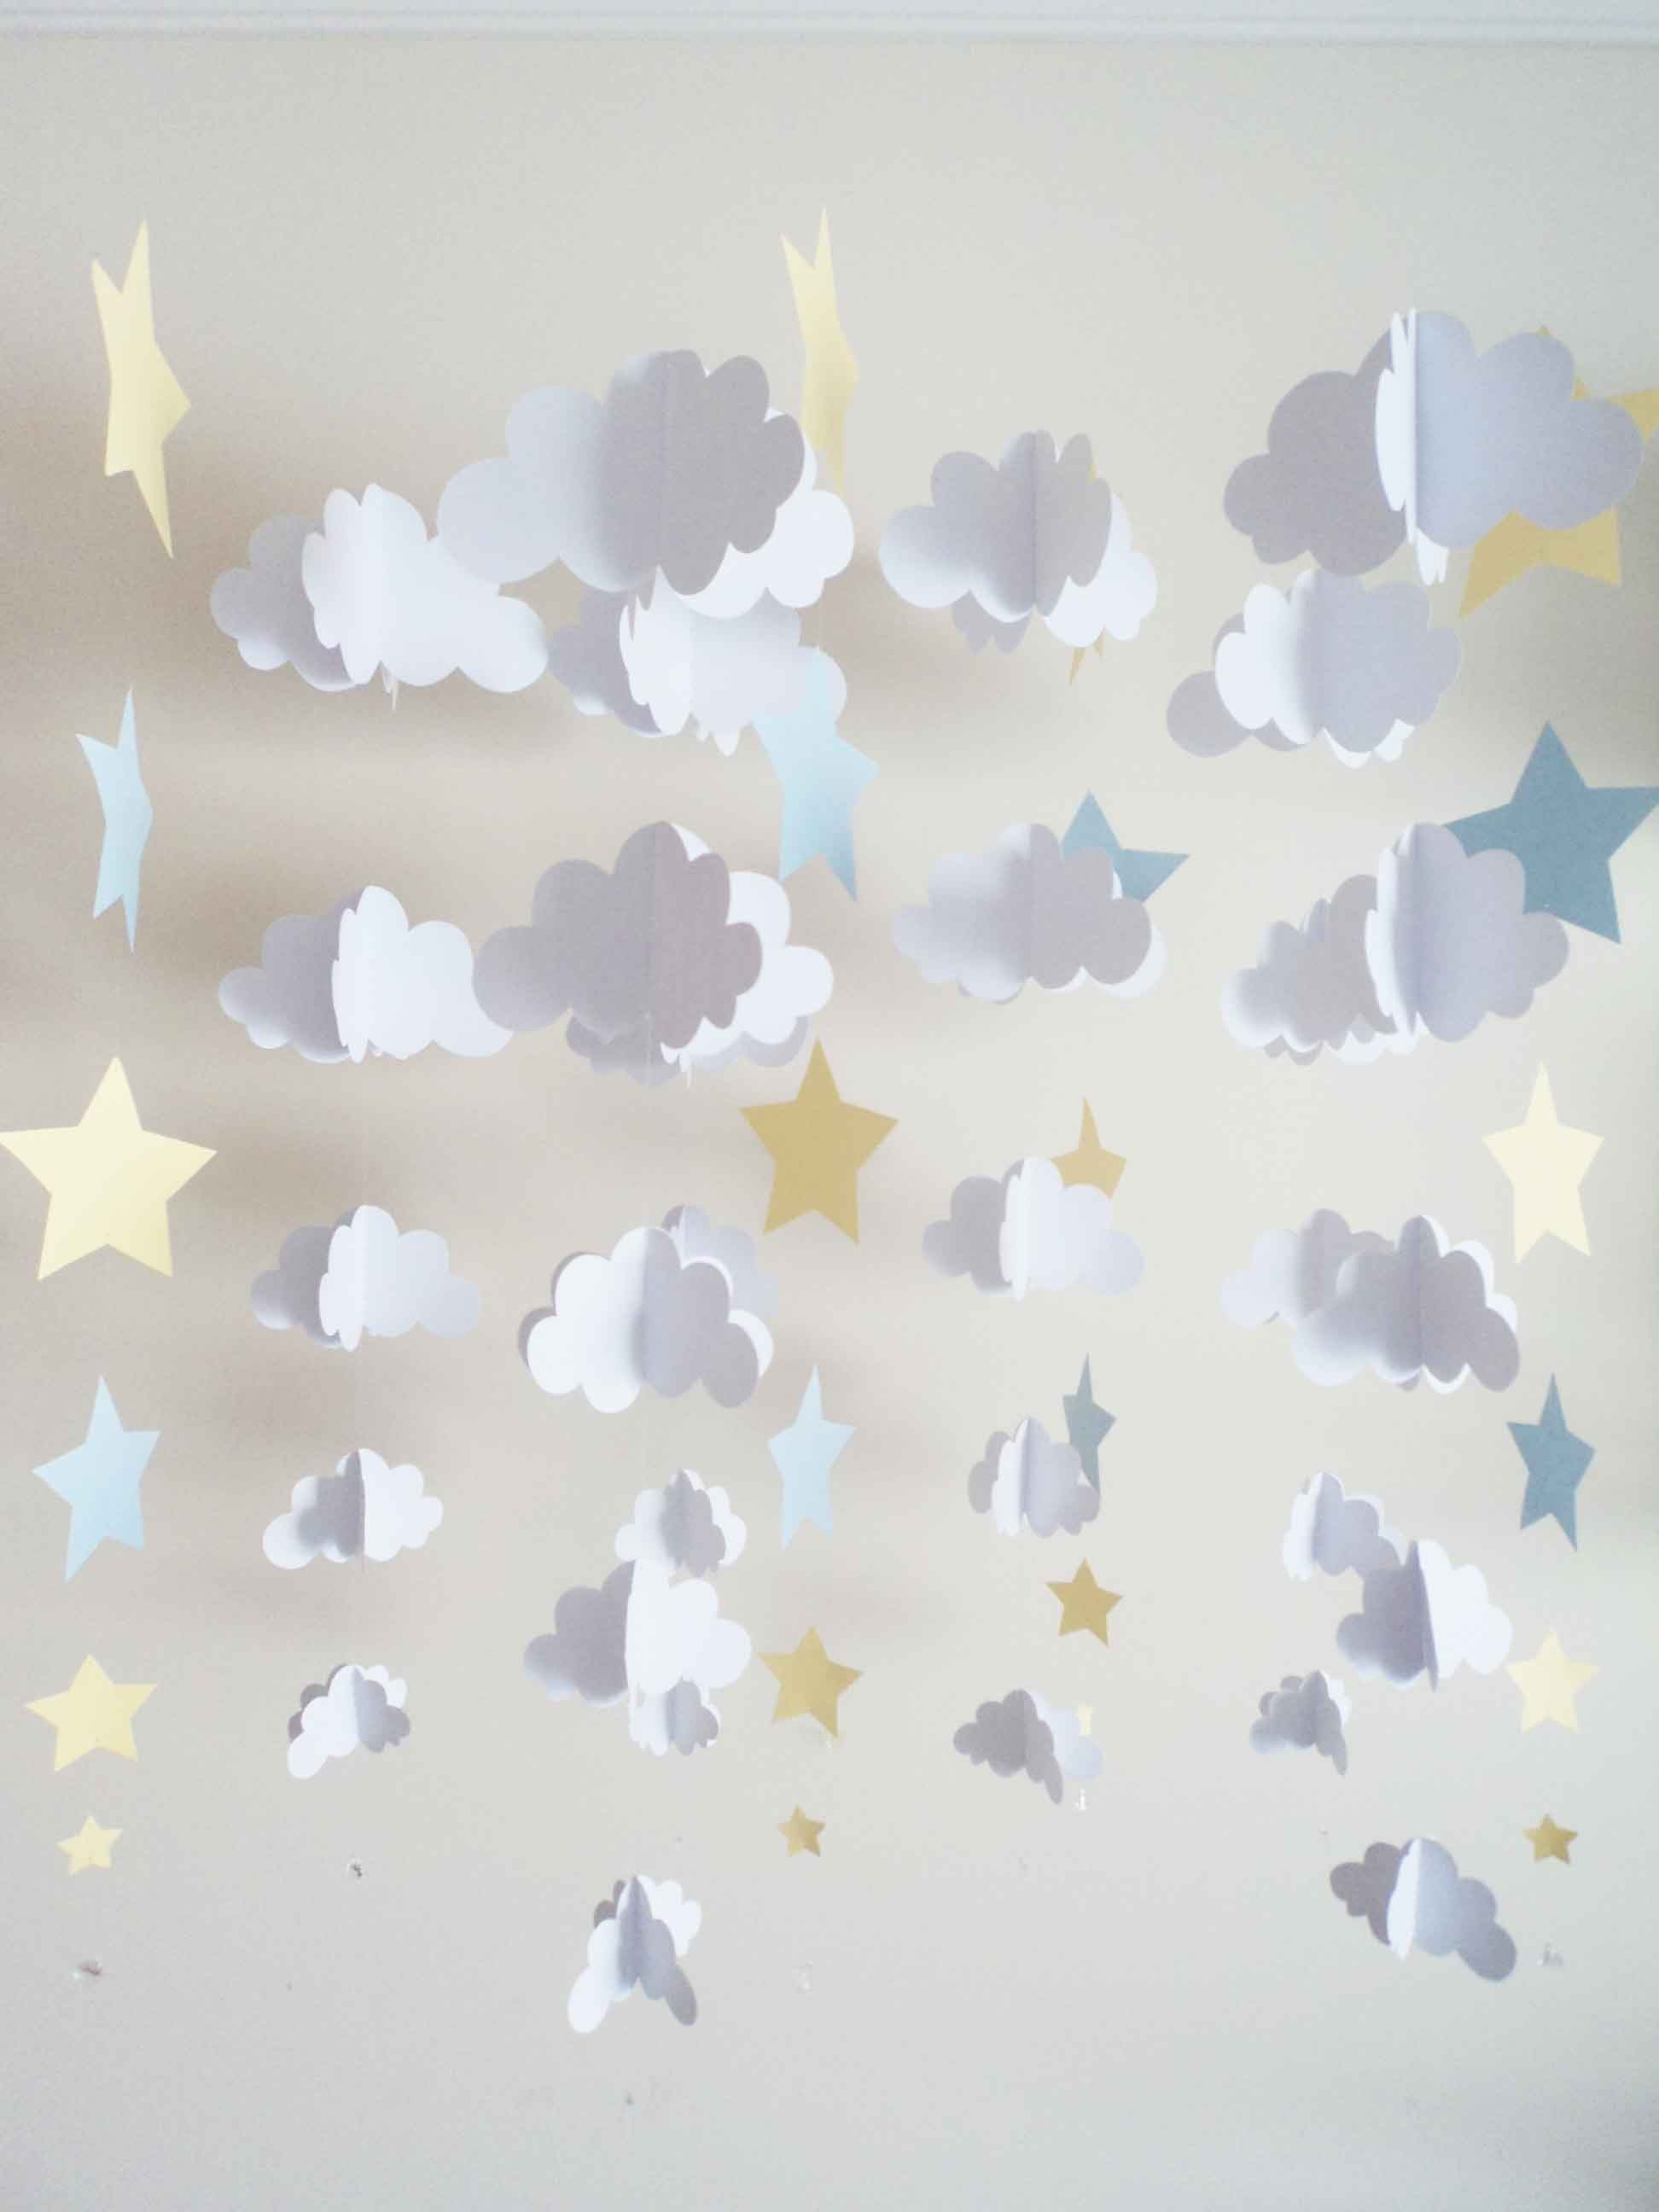 ... 12 Fios - Nuvens 3D e estrelas Kit 12 Fios - Nuvens 3D e estrelas